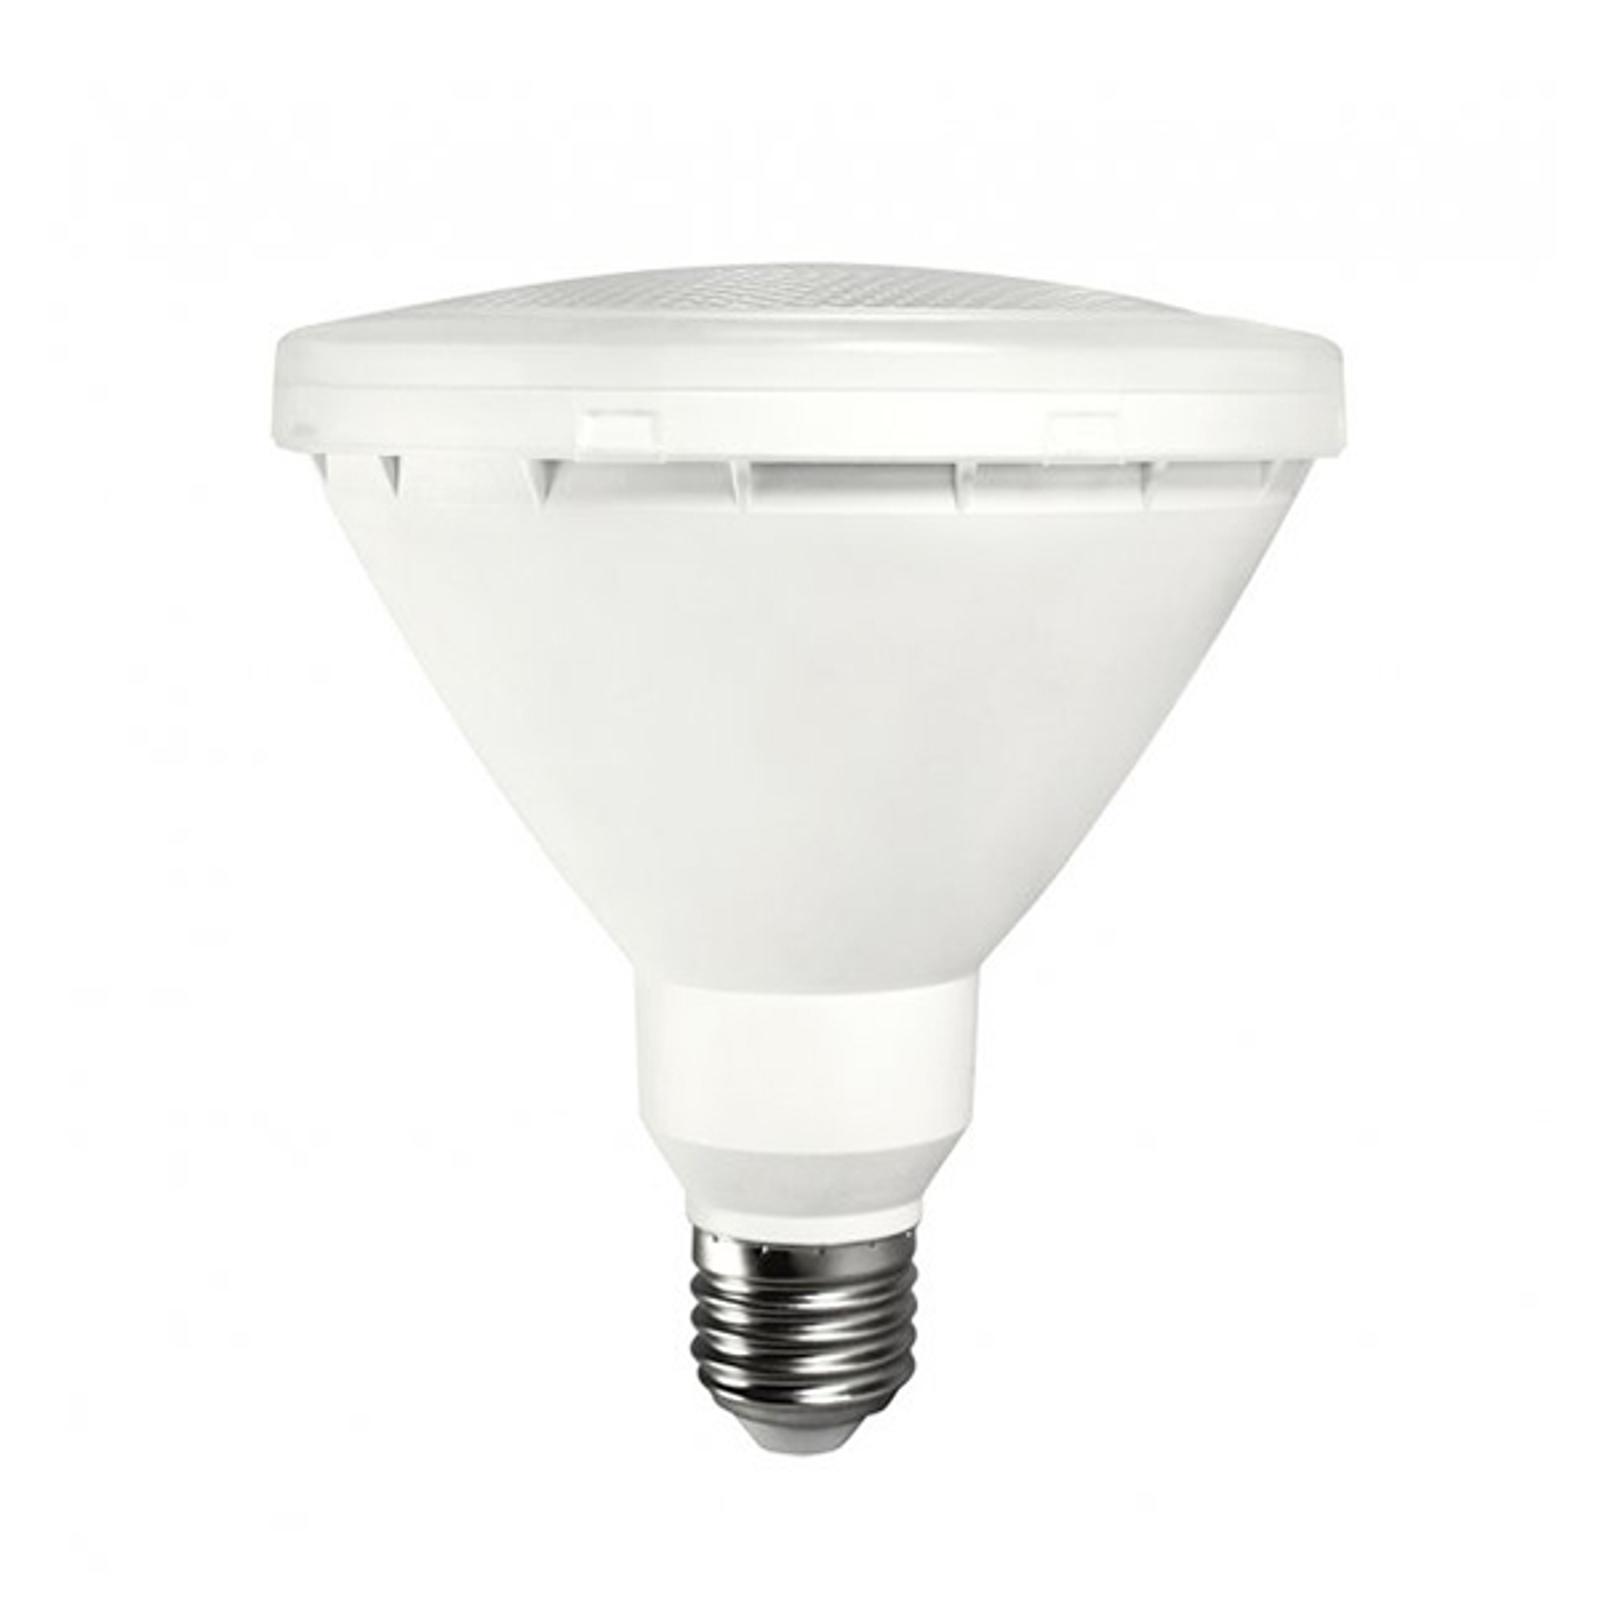 Réflecteur LED E27 15W RODERPAR38 étanche